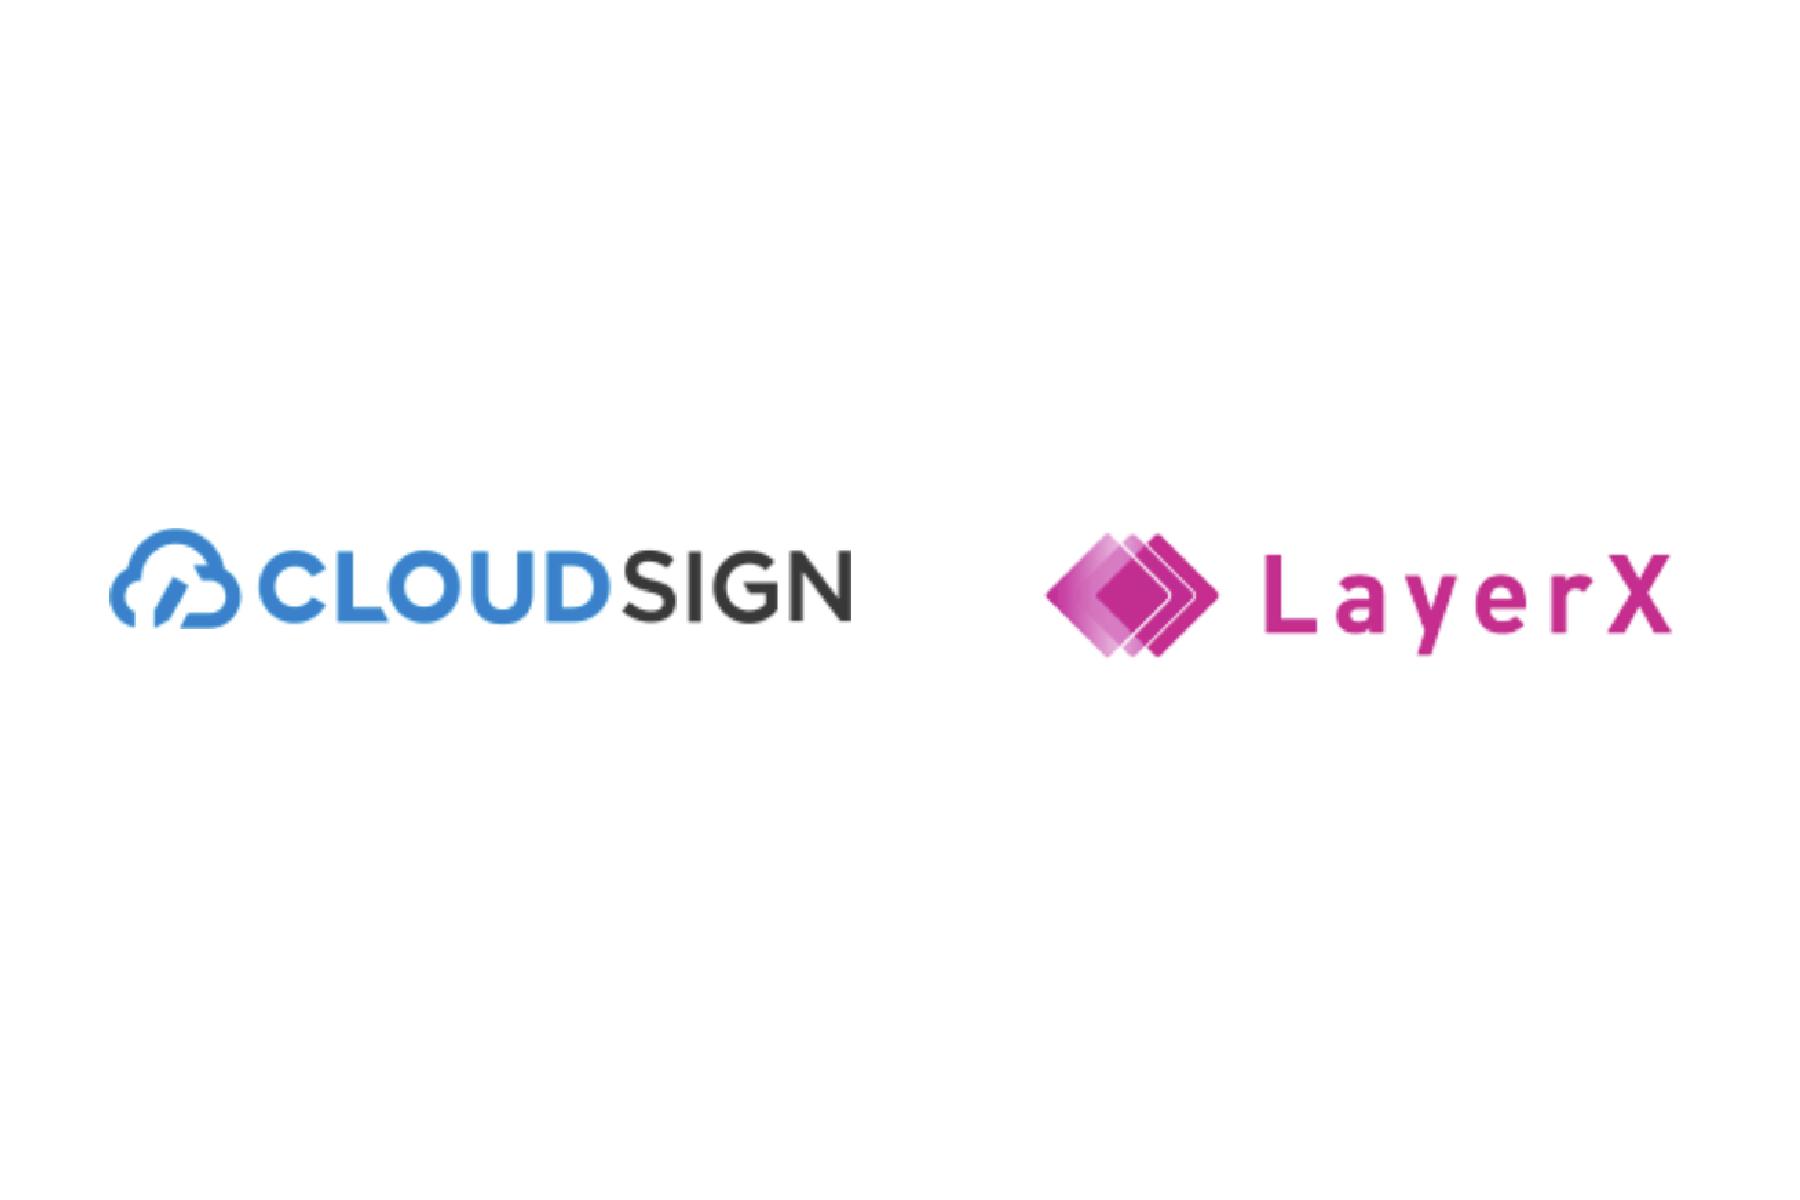 弁護士ドットコム×LayerX | クラウドサインと共同で大企業・行政機関のDXを推進するため業務提携